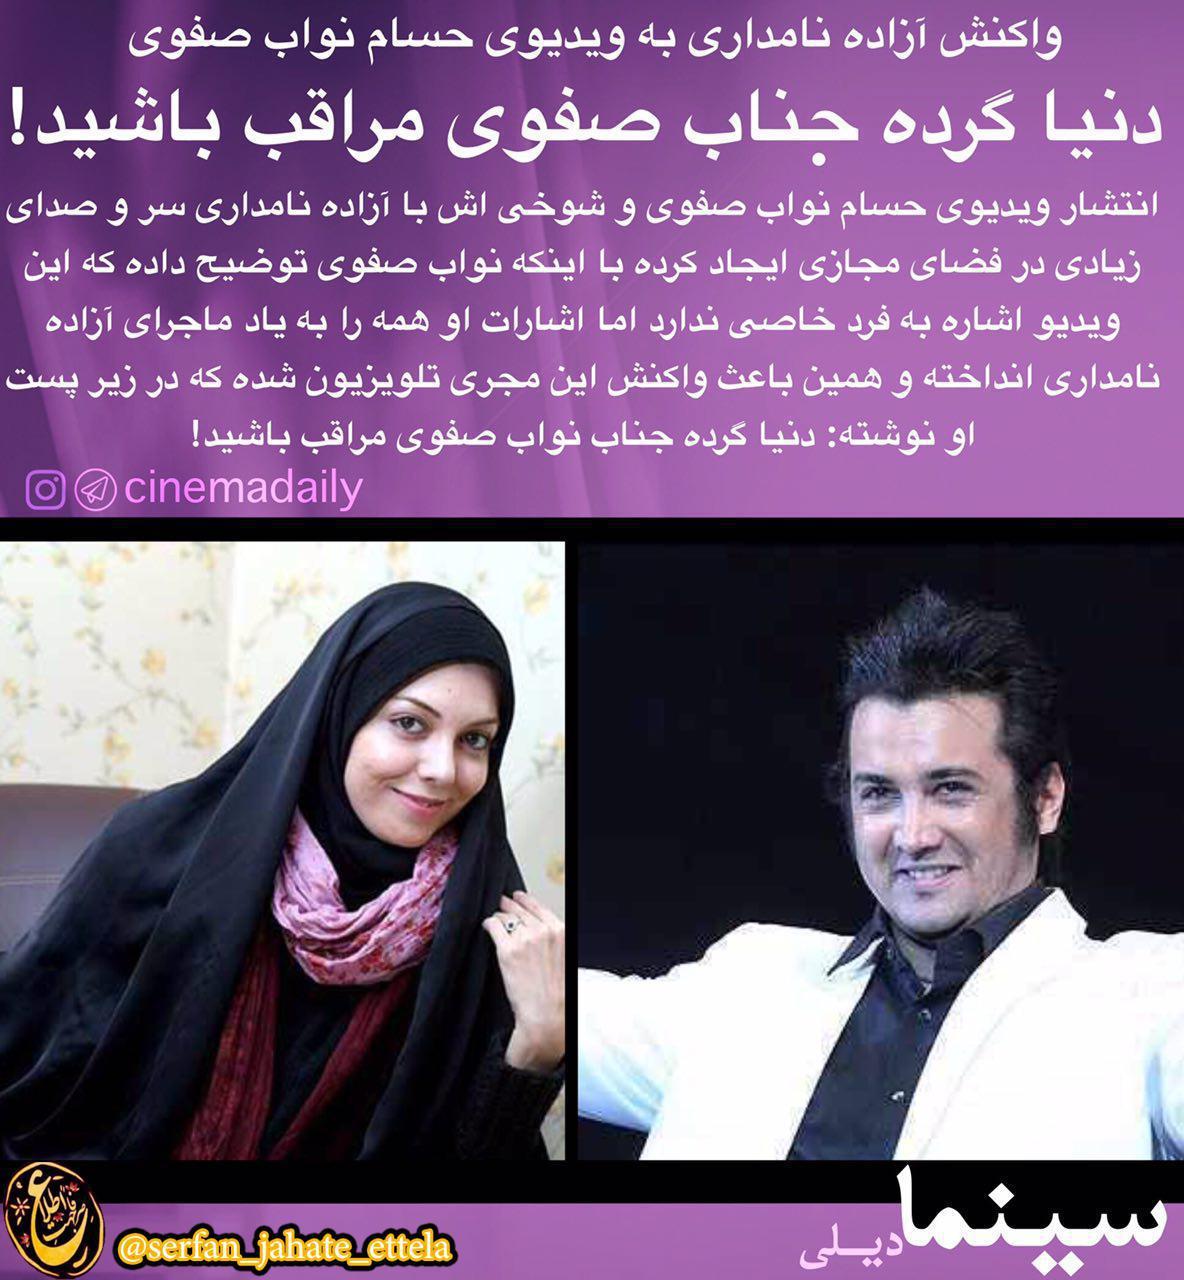 واکنش آزاده نامداری به حسام نواب صفوی:دنیا گِرده جناب نواب صفوی،مراقب باشید